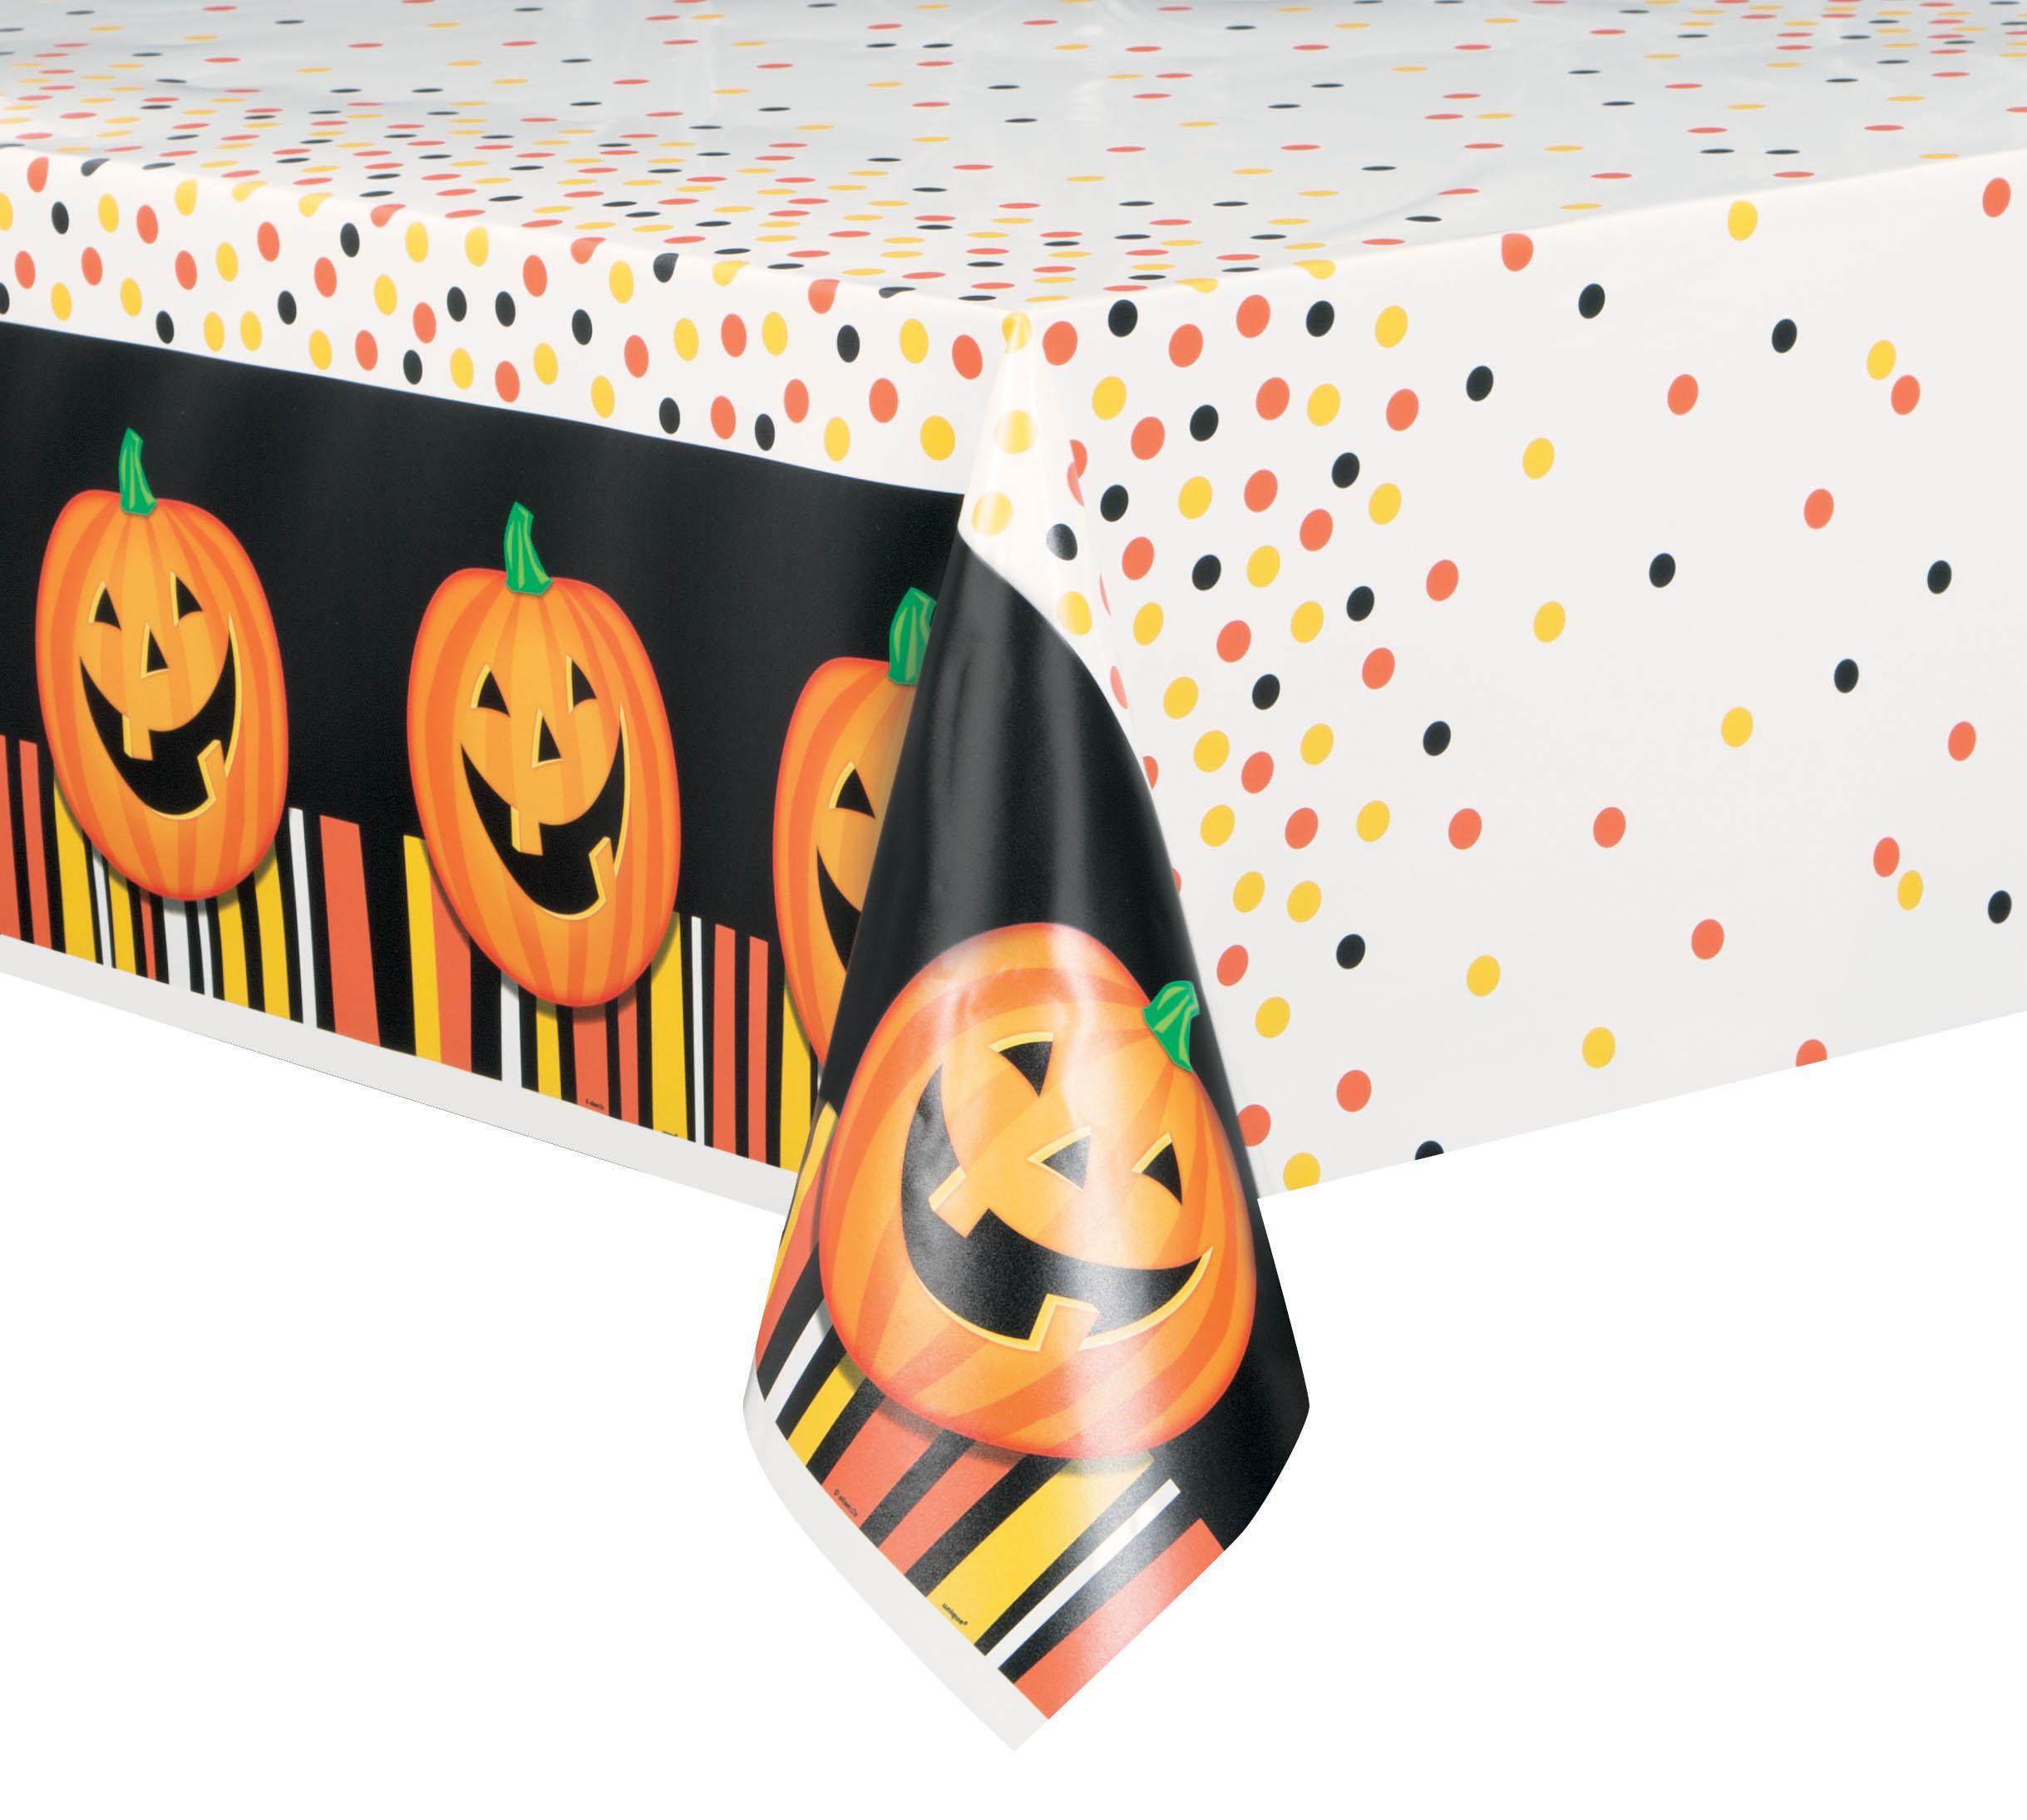 Addobbi Tavola Per Halloween dettagli su zucca di halloween tovaglia cerata arancione e nero servizio da  tavola festa